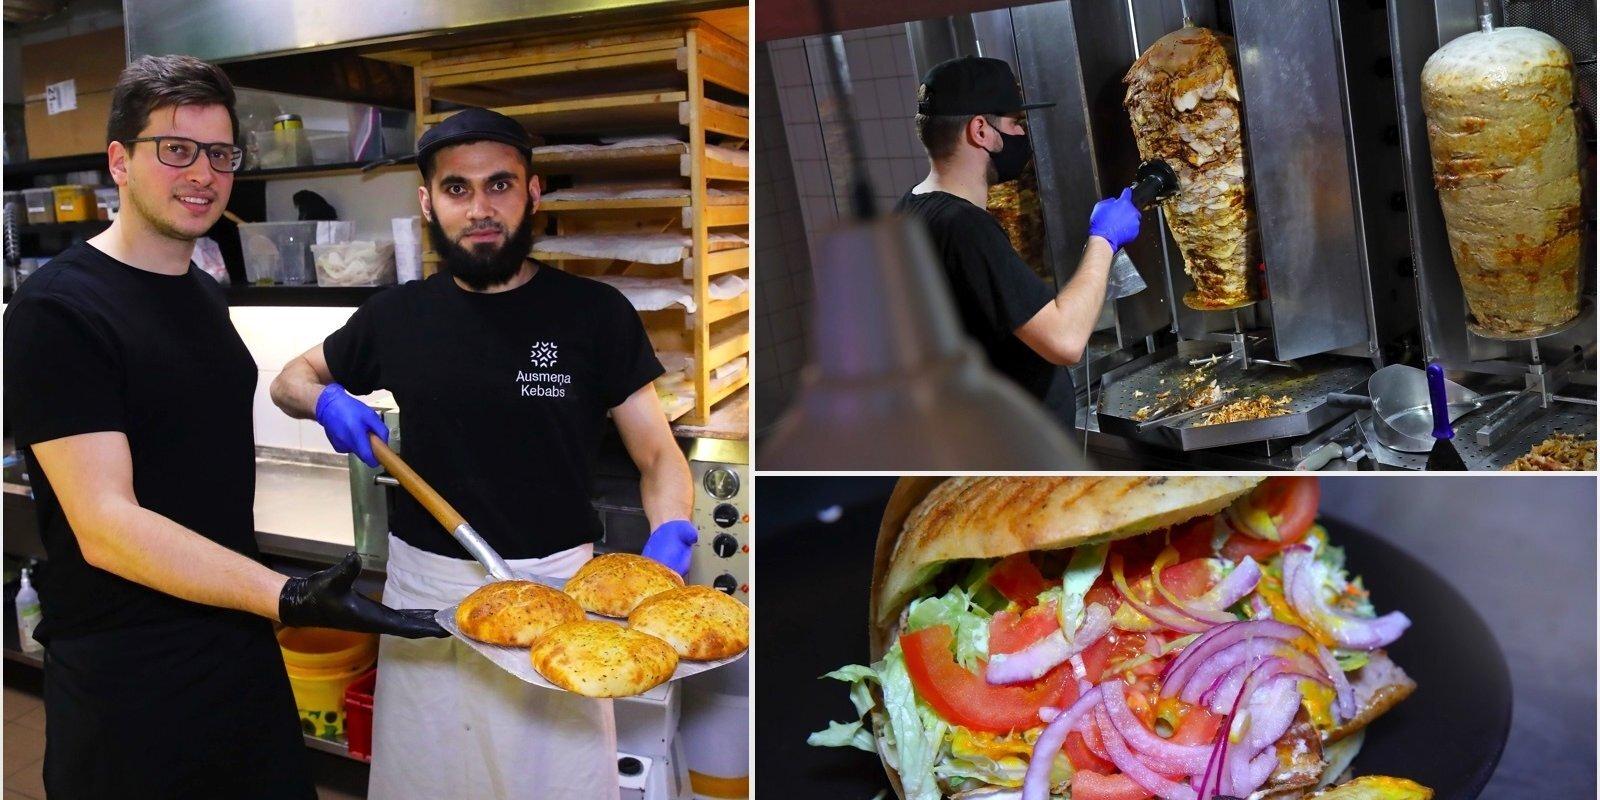 Kā 'Ausmeņa kebabs' nonāca kebabu hierarhijas augšgalā